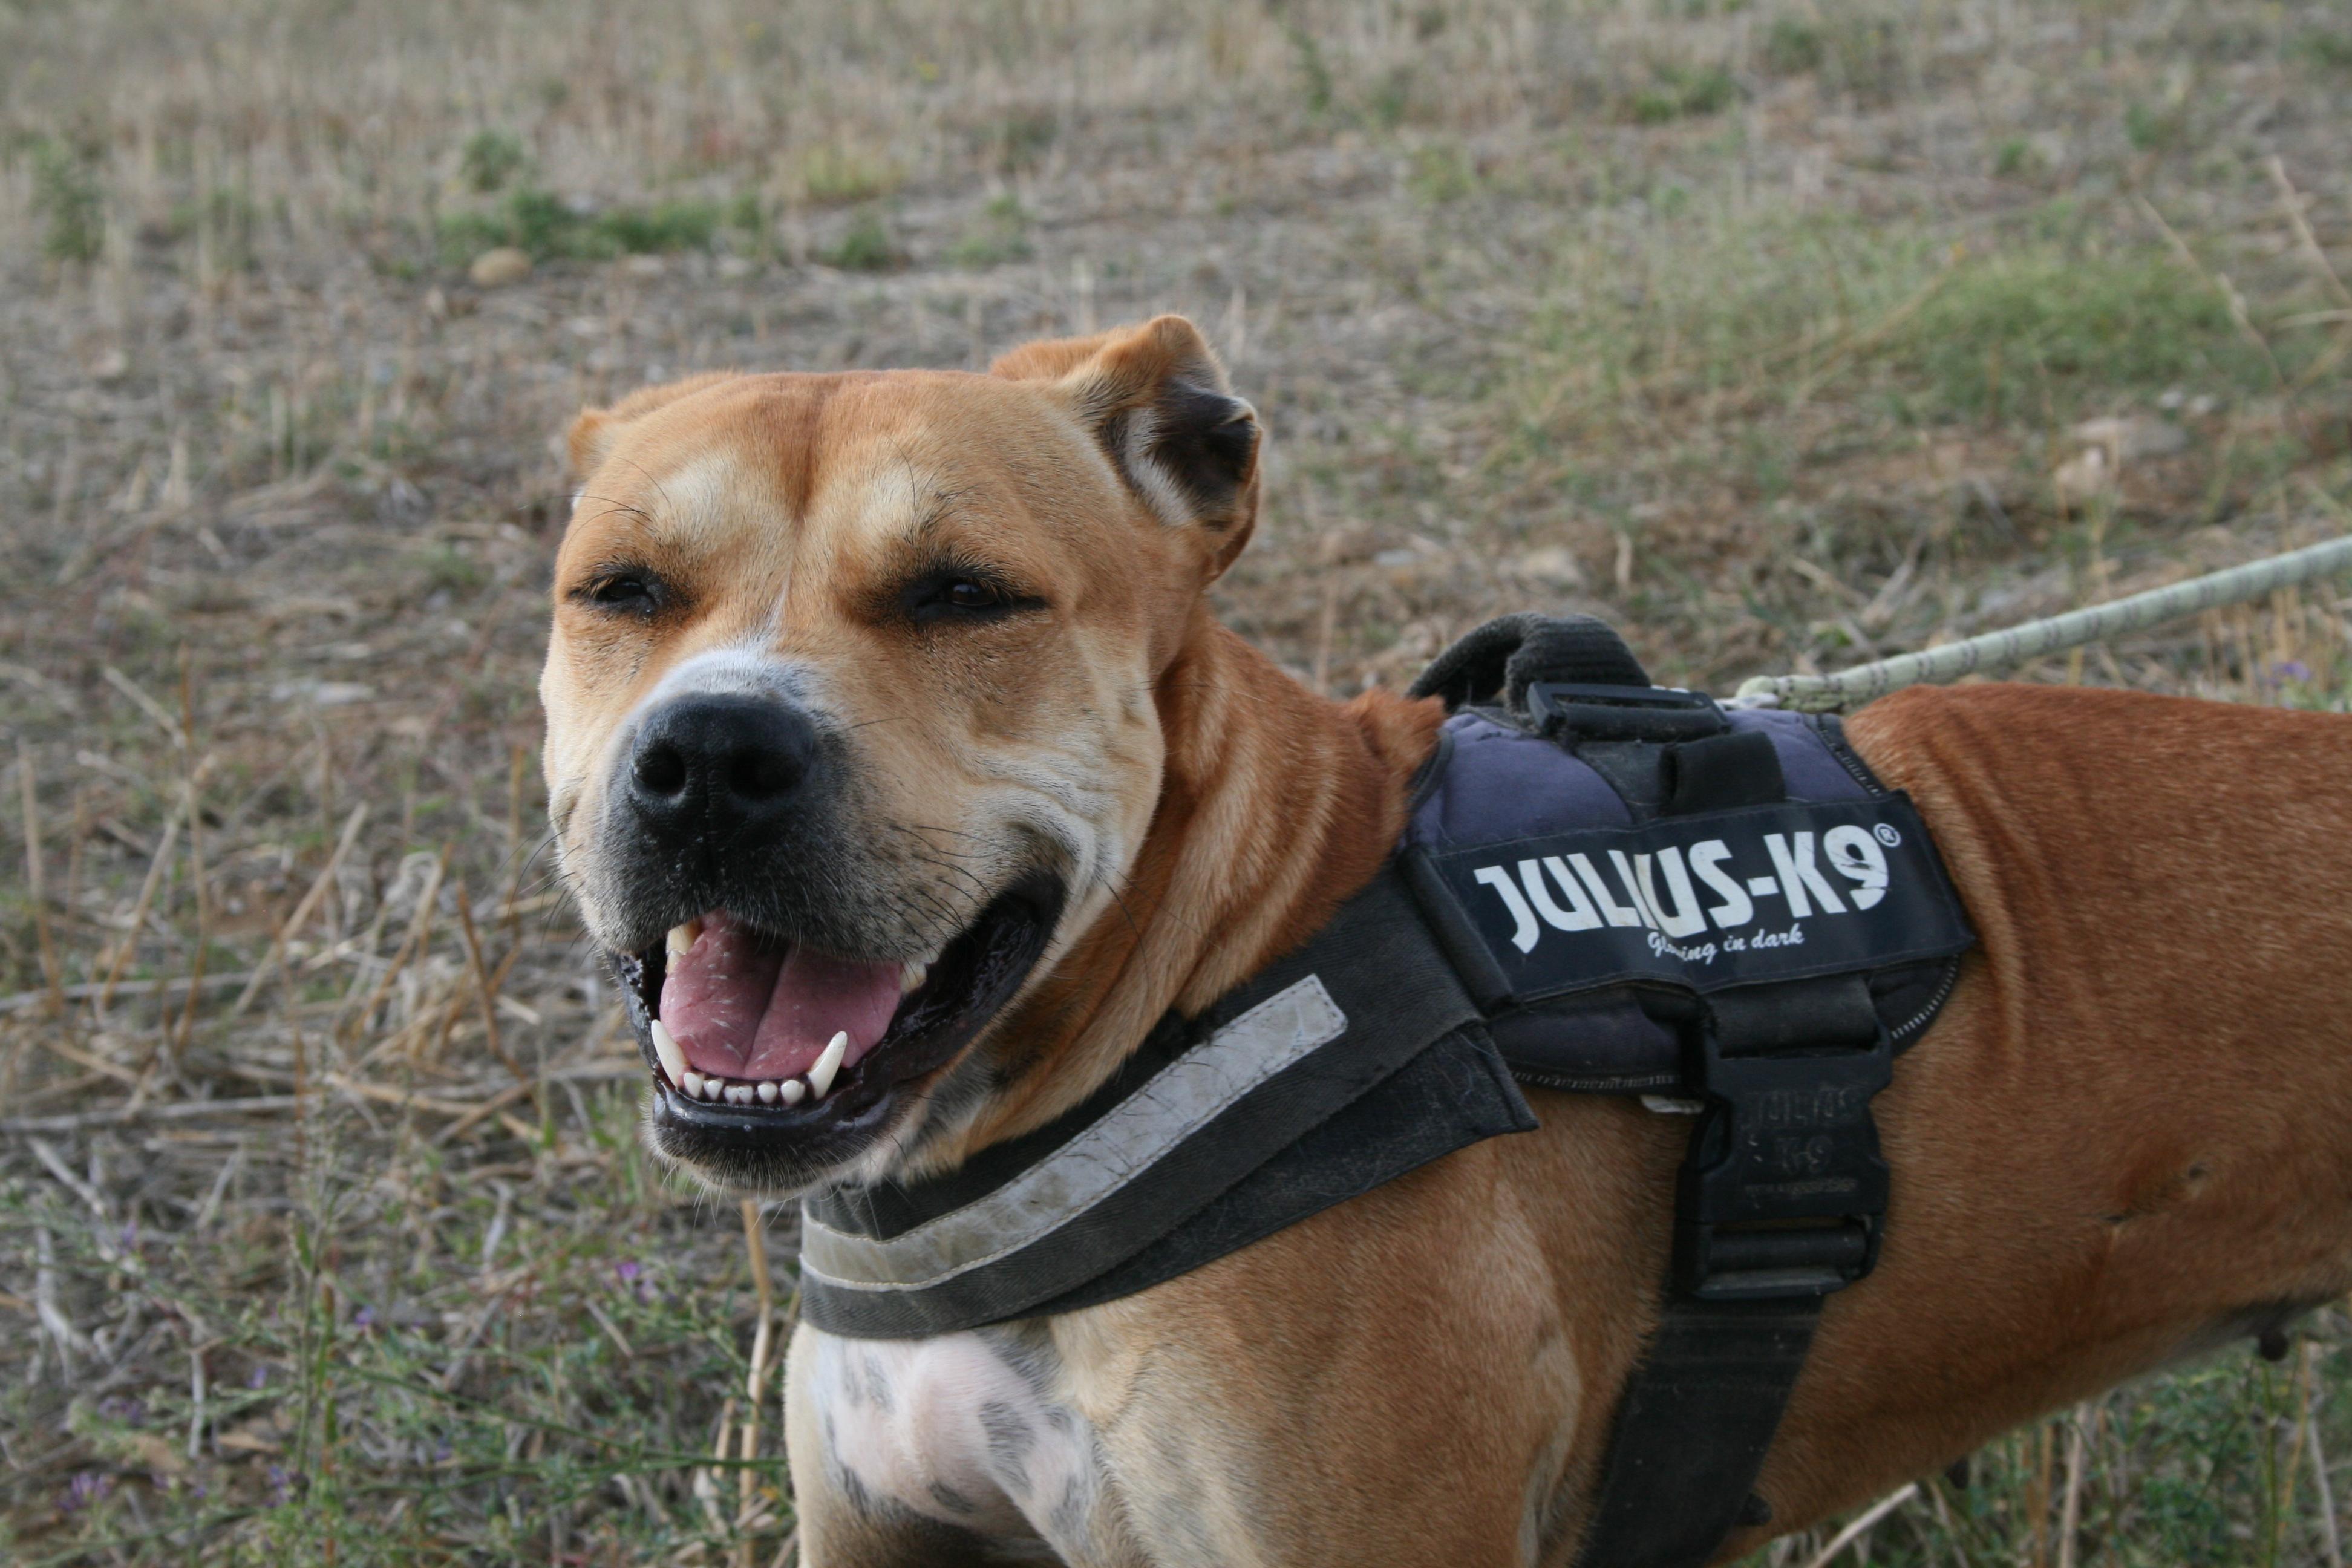 pale brown staffie type dog